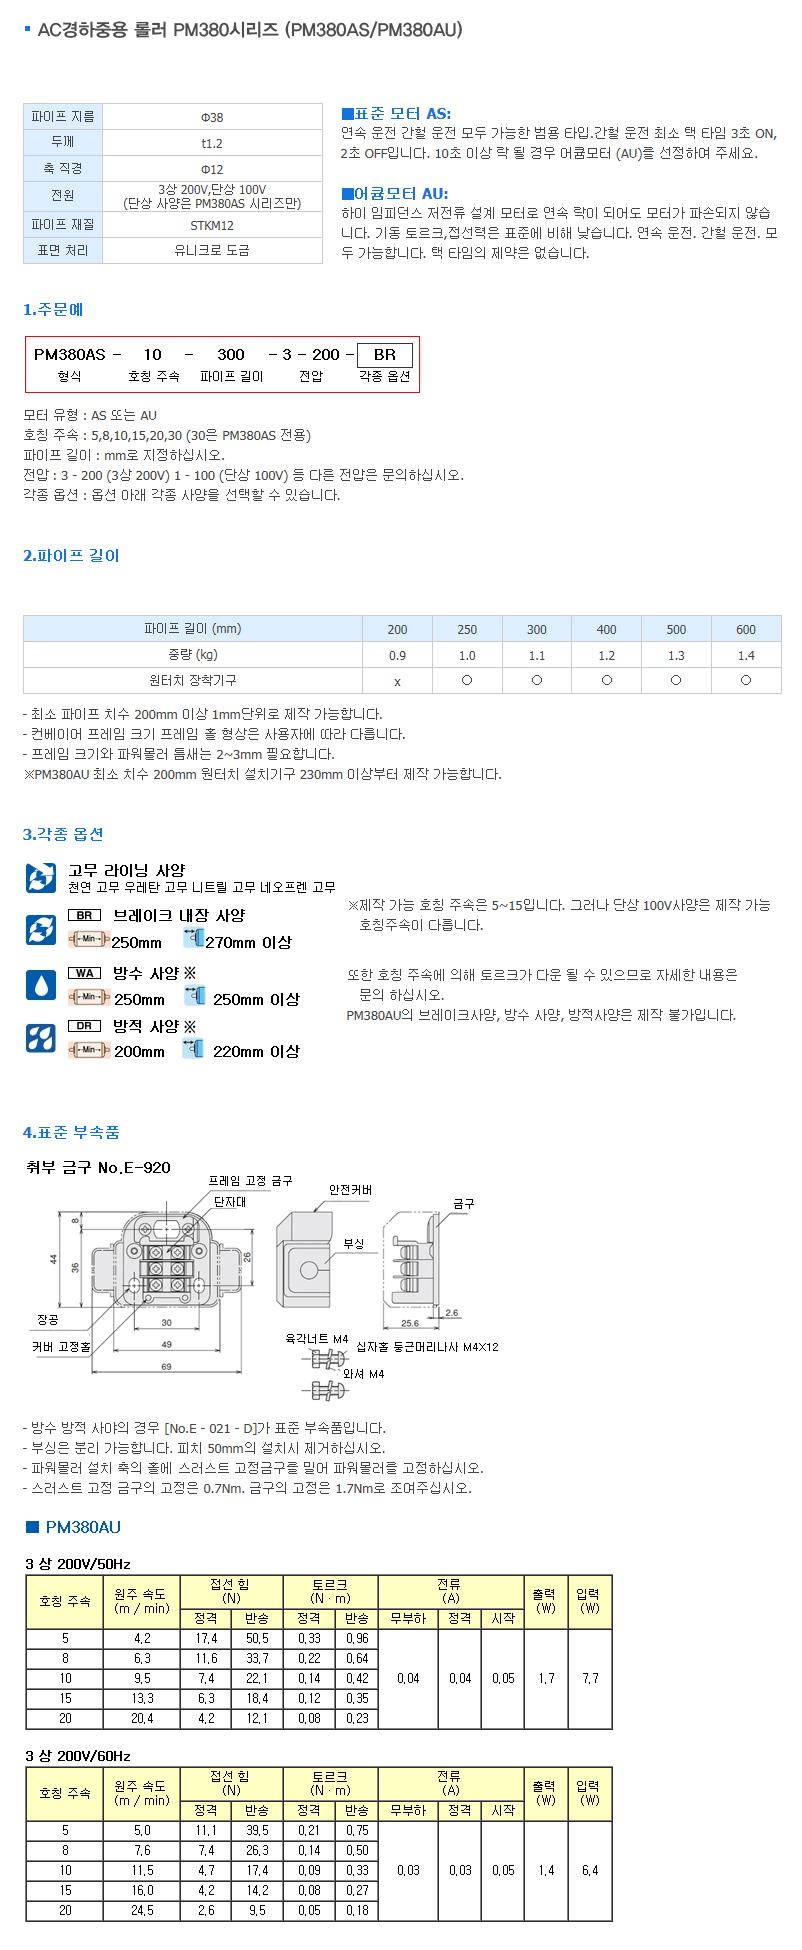 (주)은현산업 AC경하중용 롤러 PM380시리즈 PM380AU